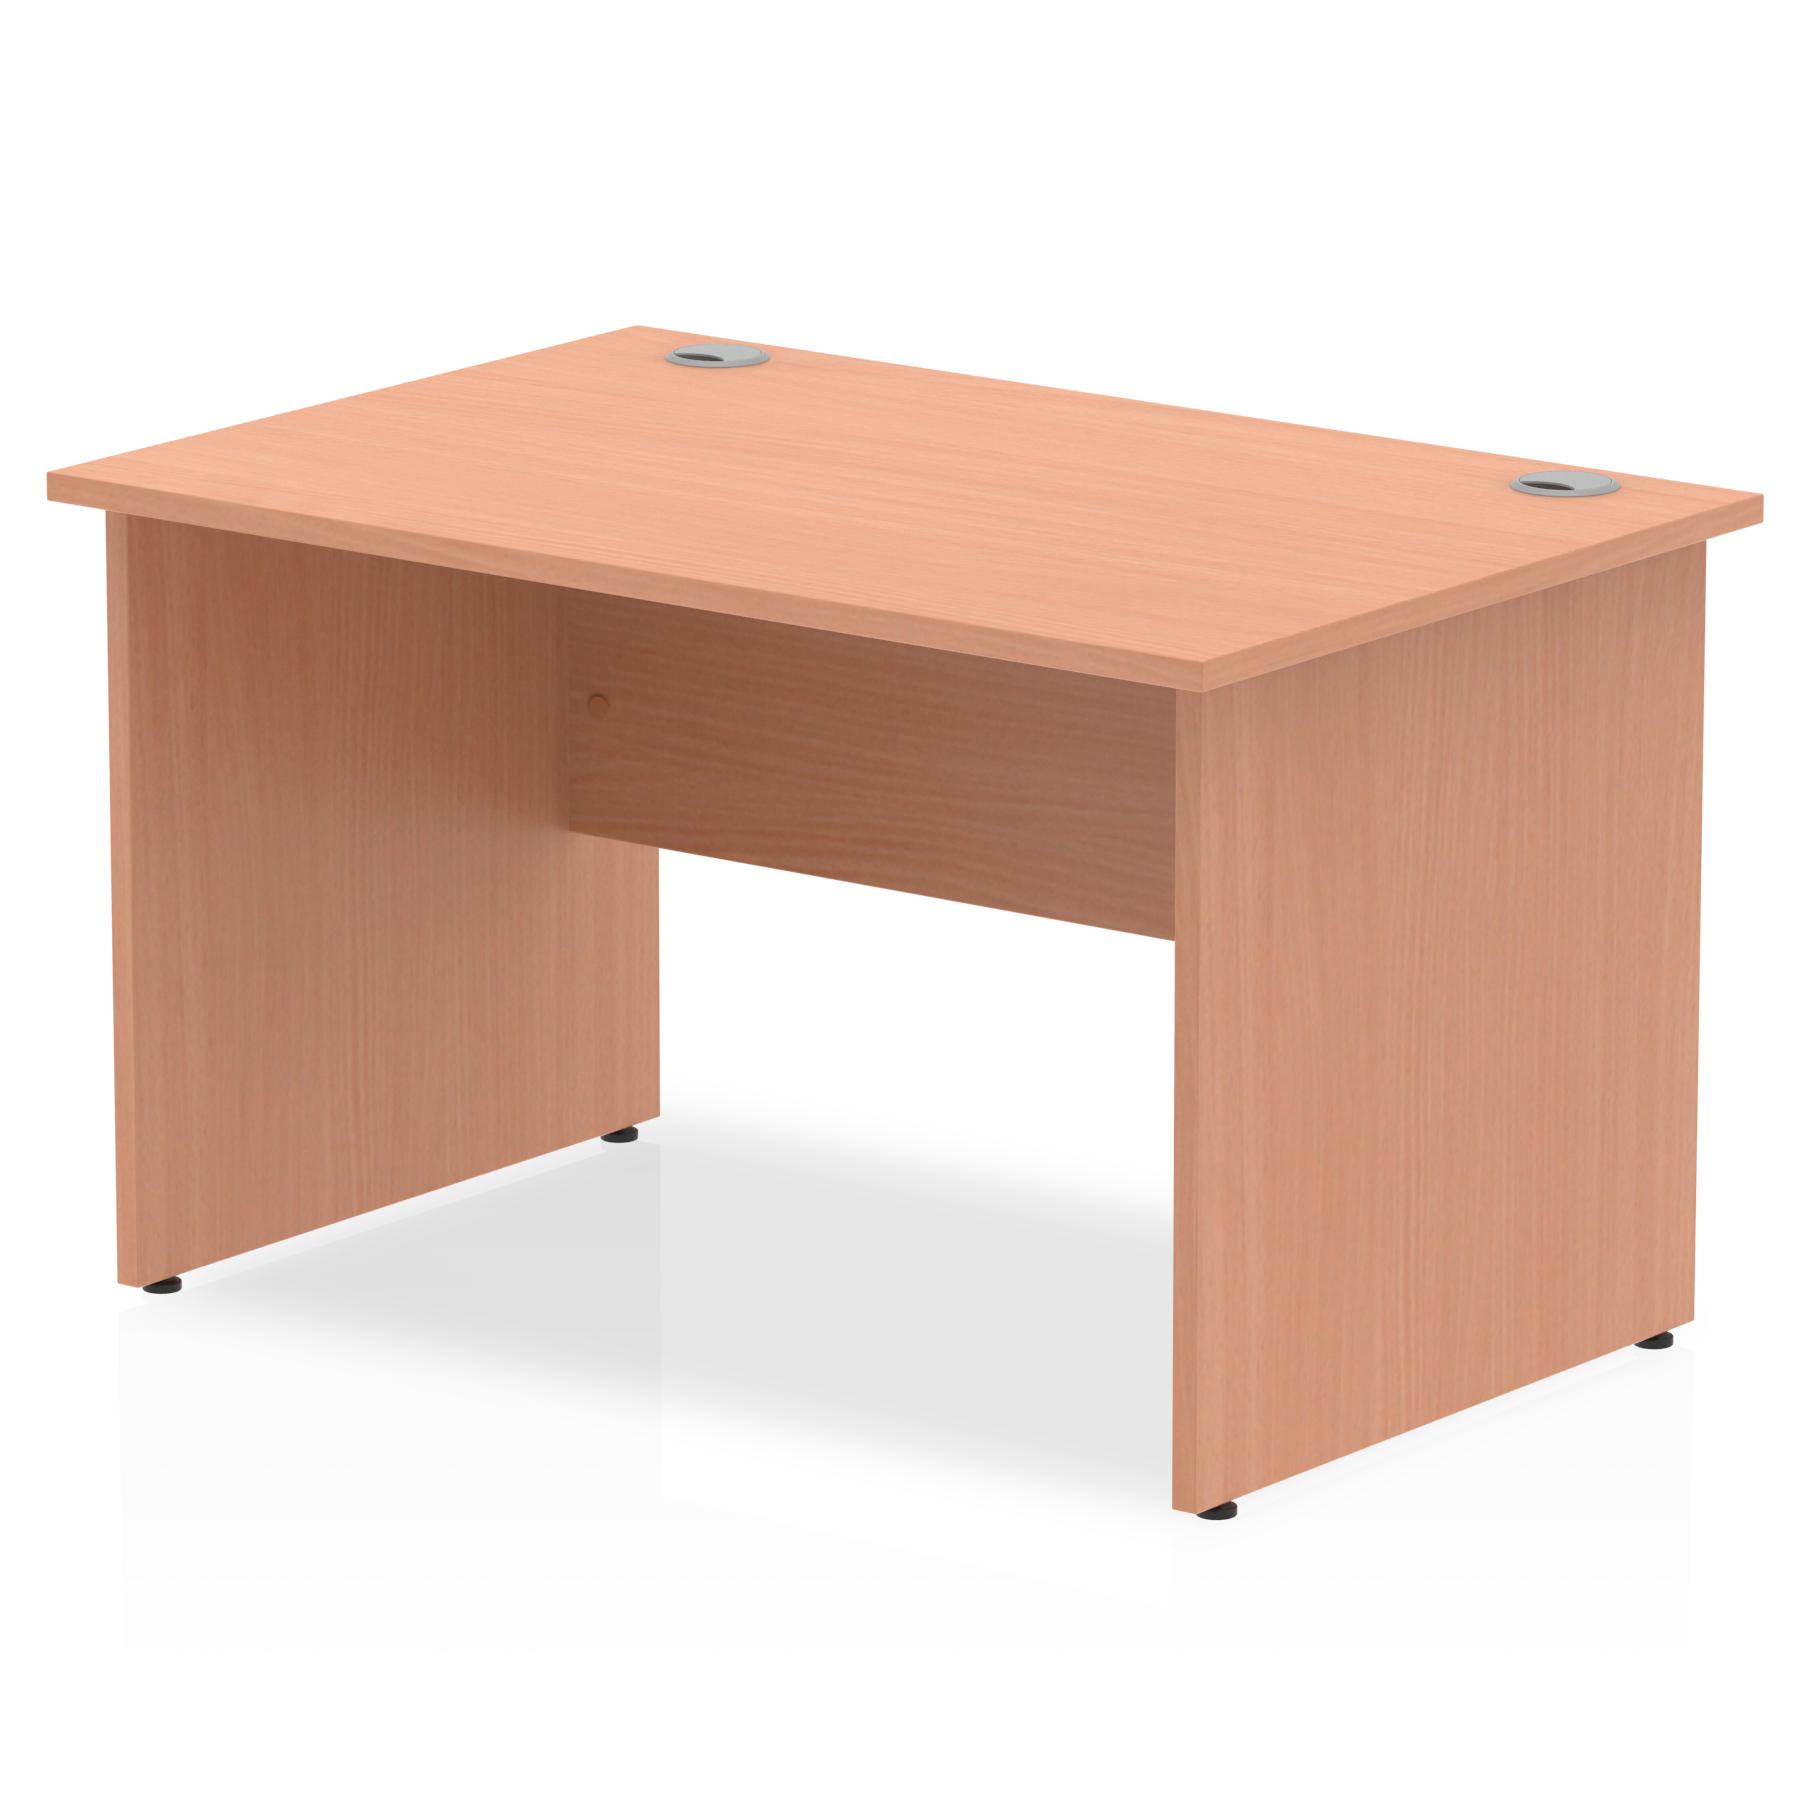 Rectangular Desks Impulse 1200 x 800mm Straight Desk Beech Top Panel End Leg I000371